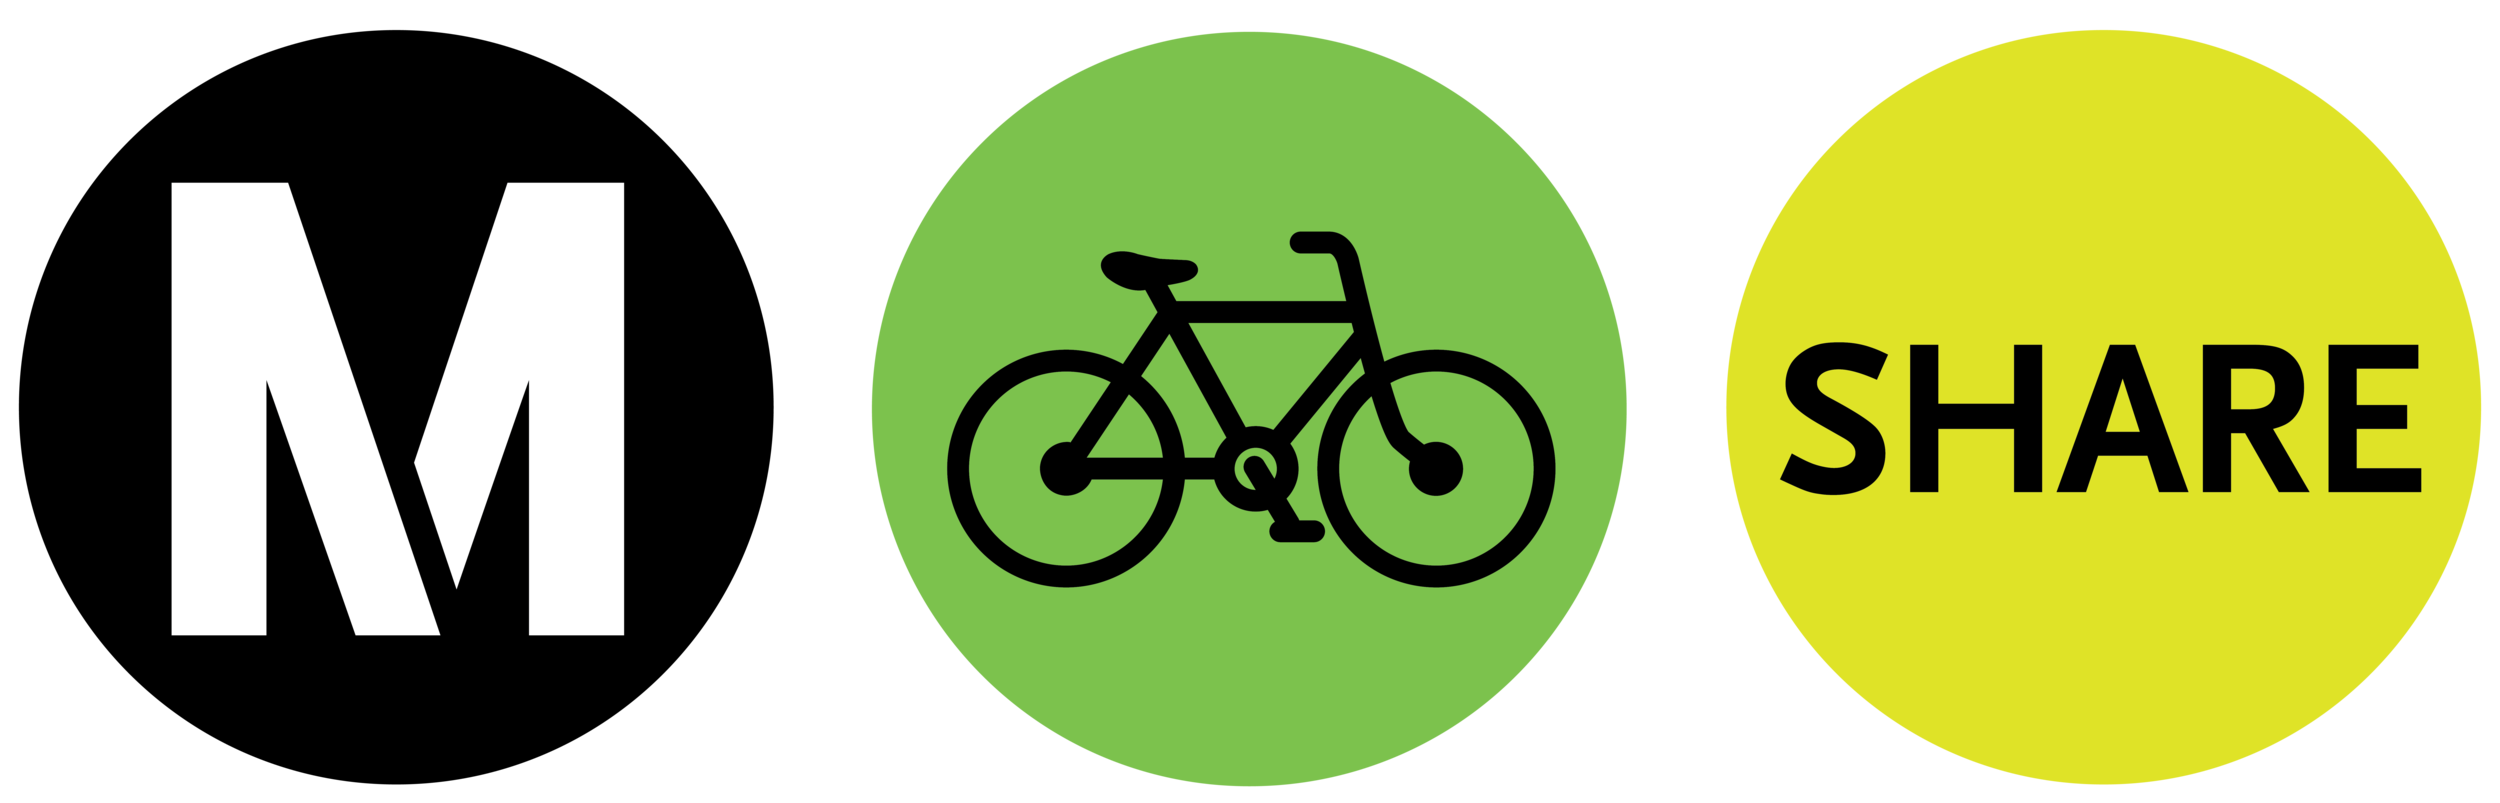 bikeshare_logo-01.png